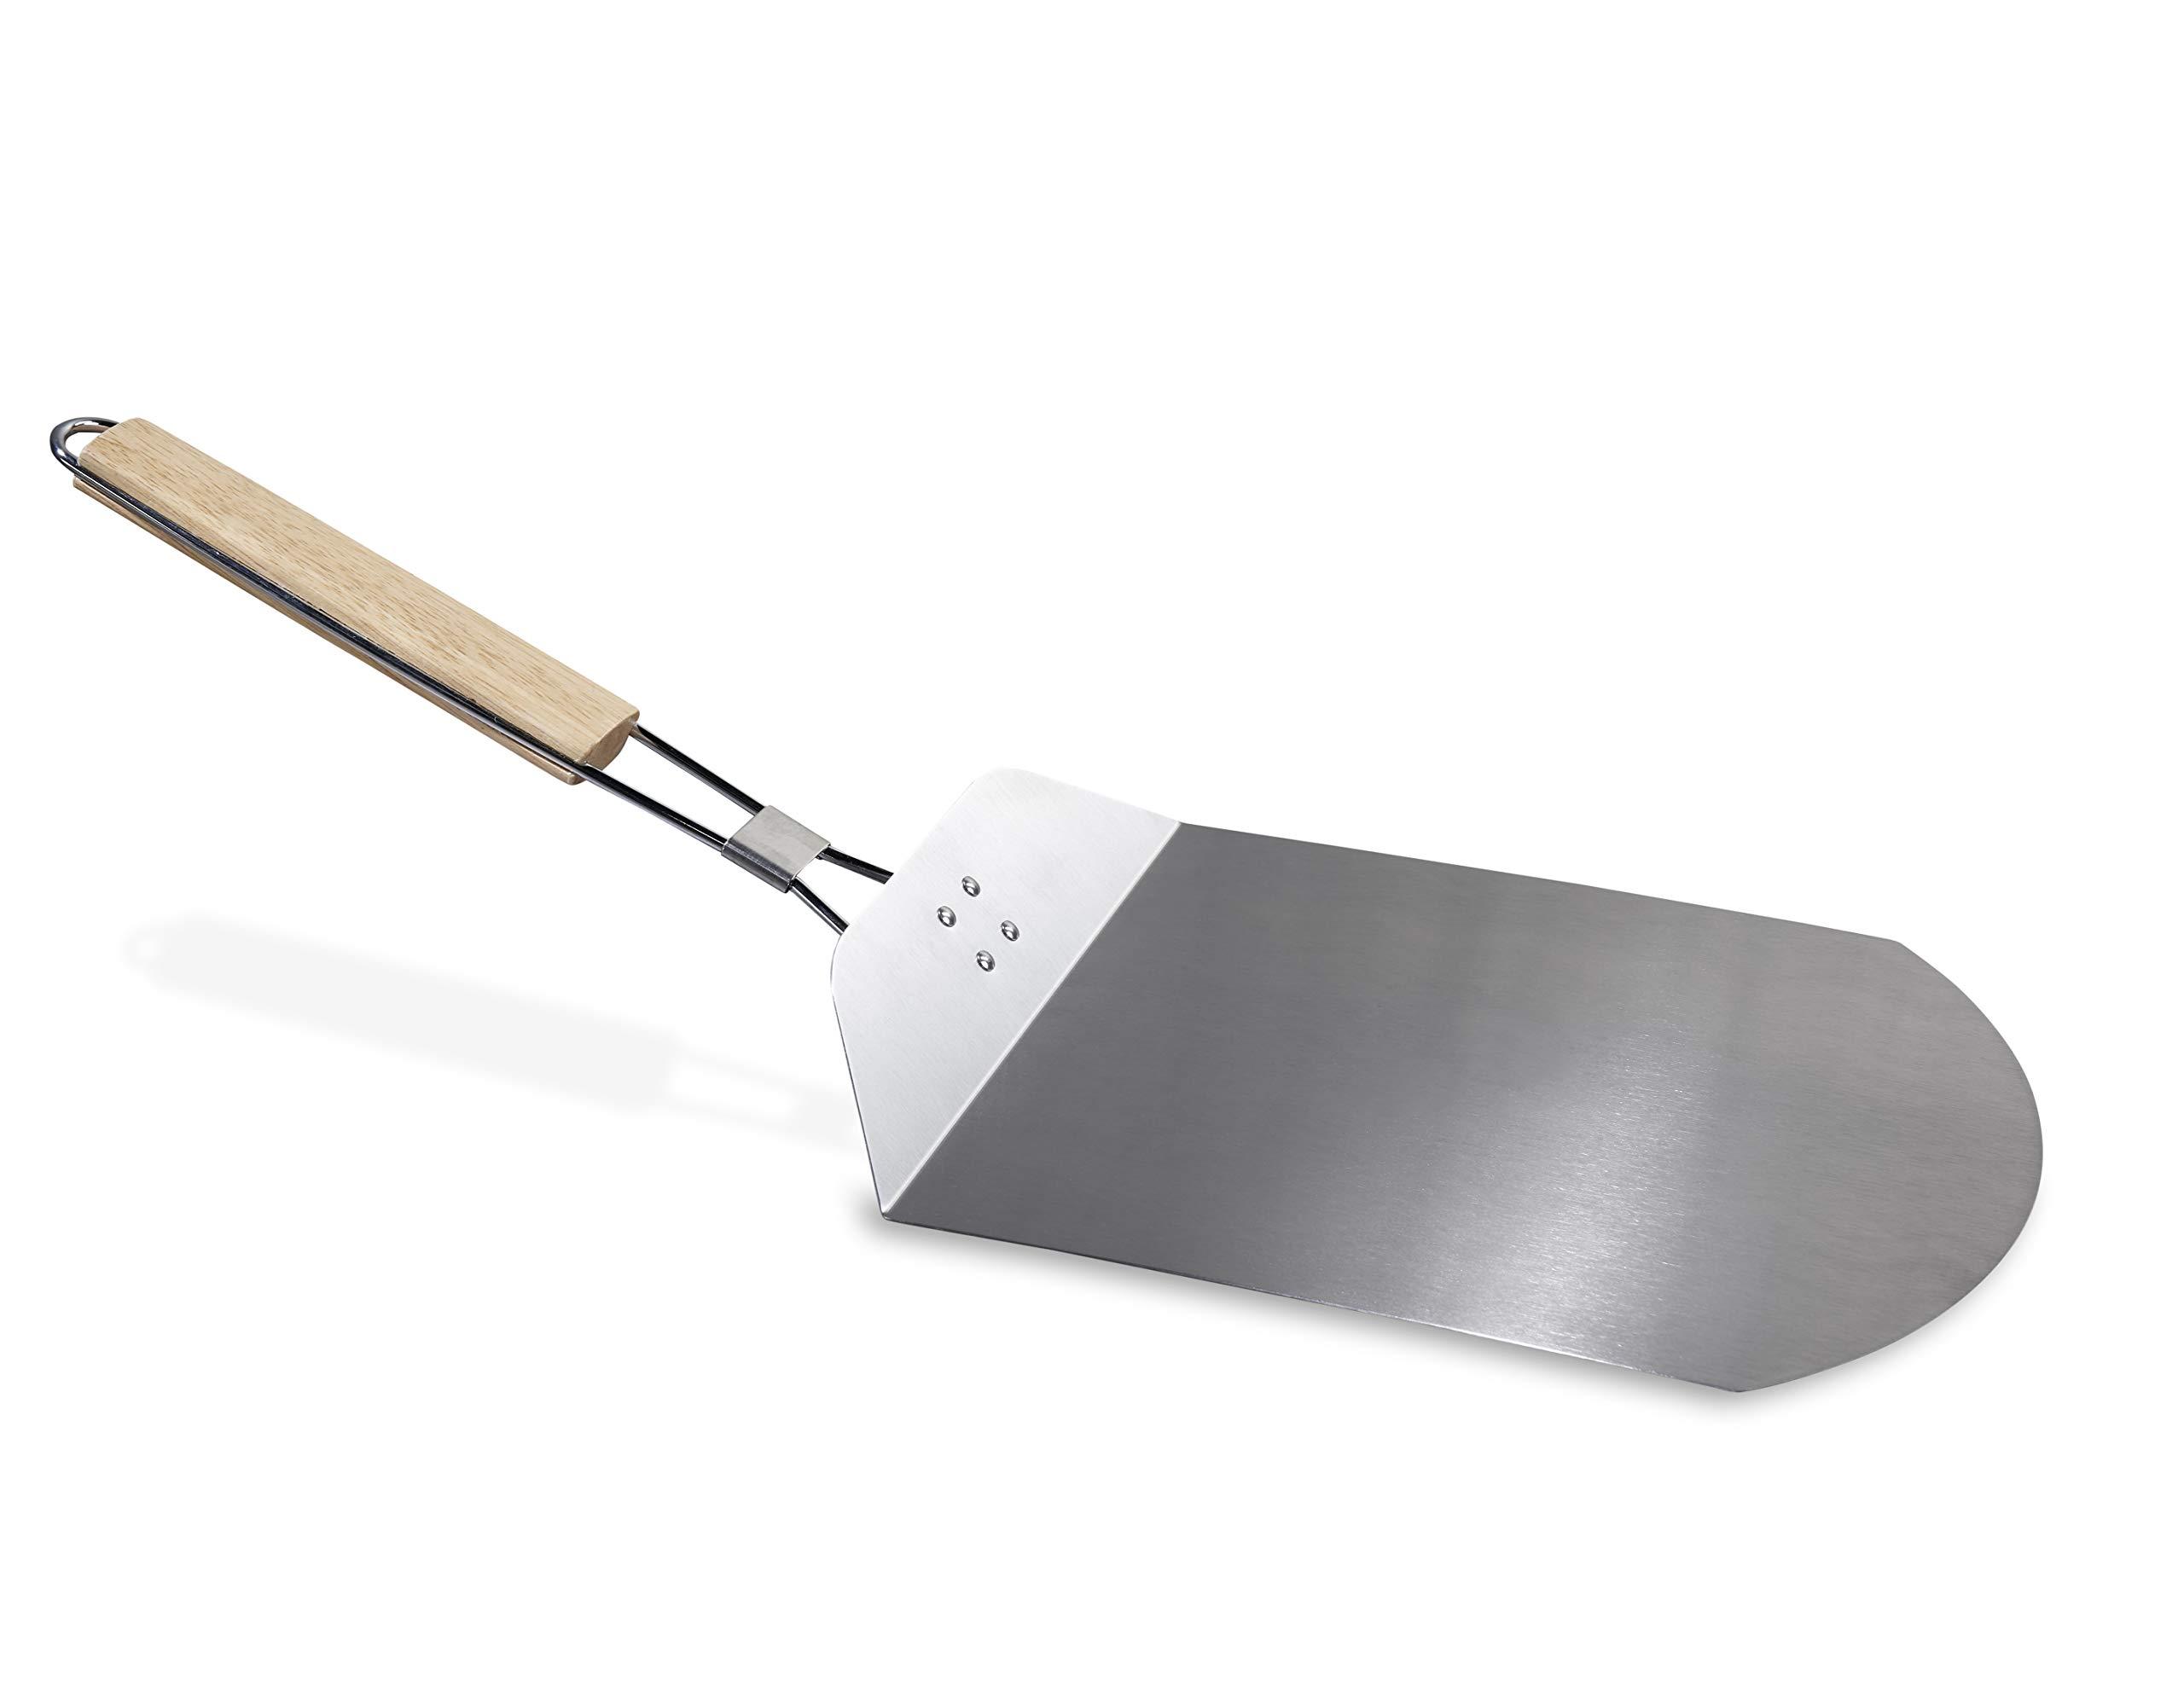 Kompressionfeder Drahtfeder Druckfeder Mangan Stahl Schwarz 1,5mmx25mmx305mm